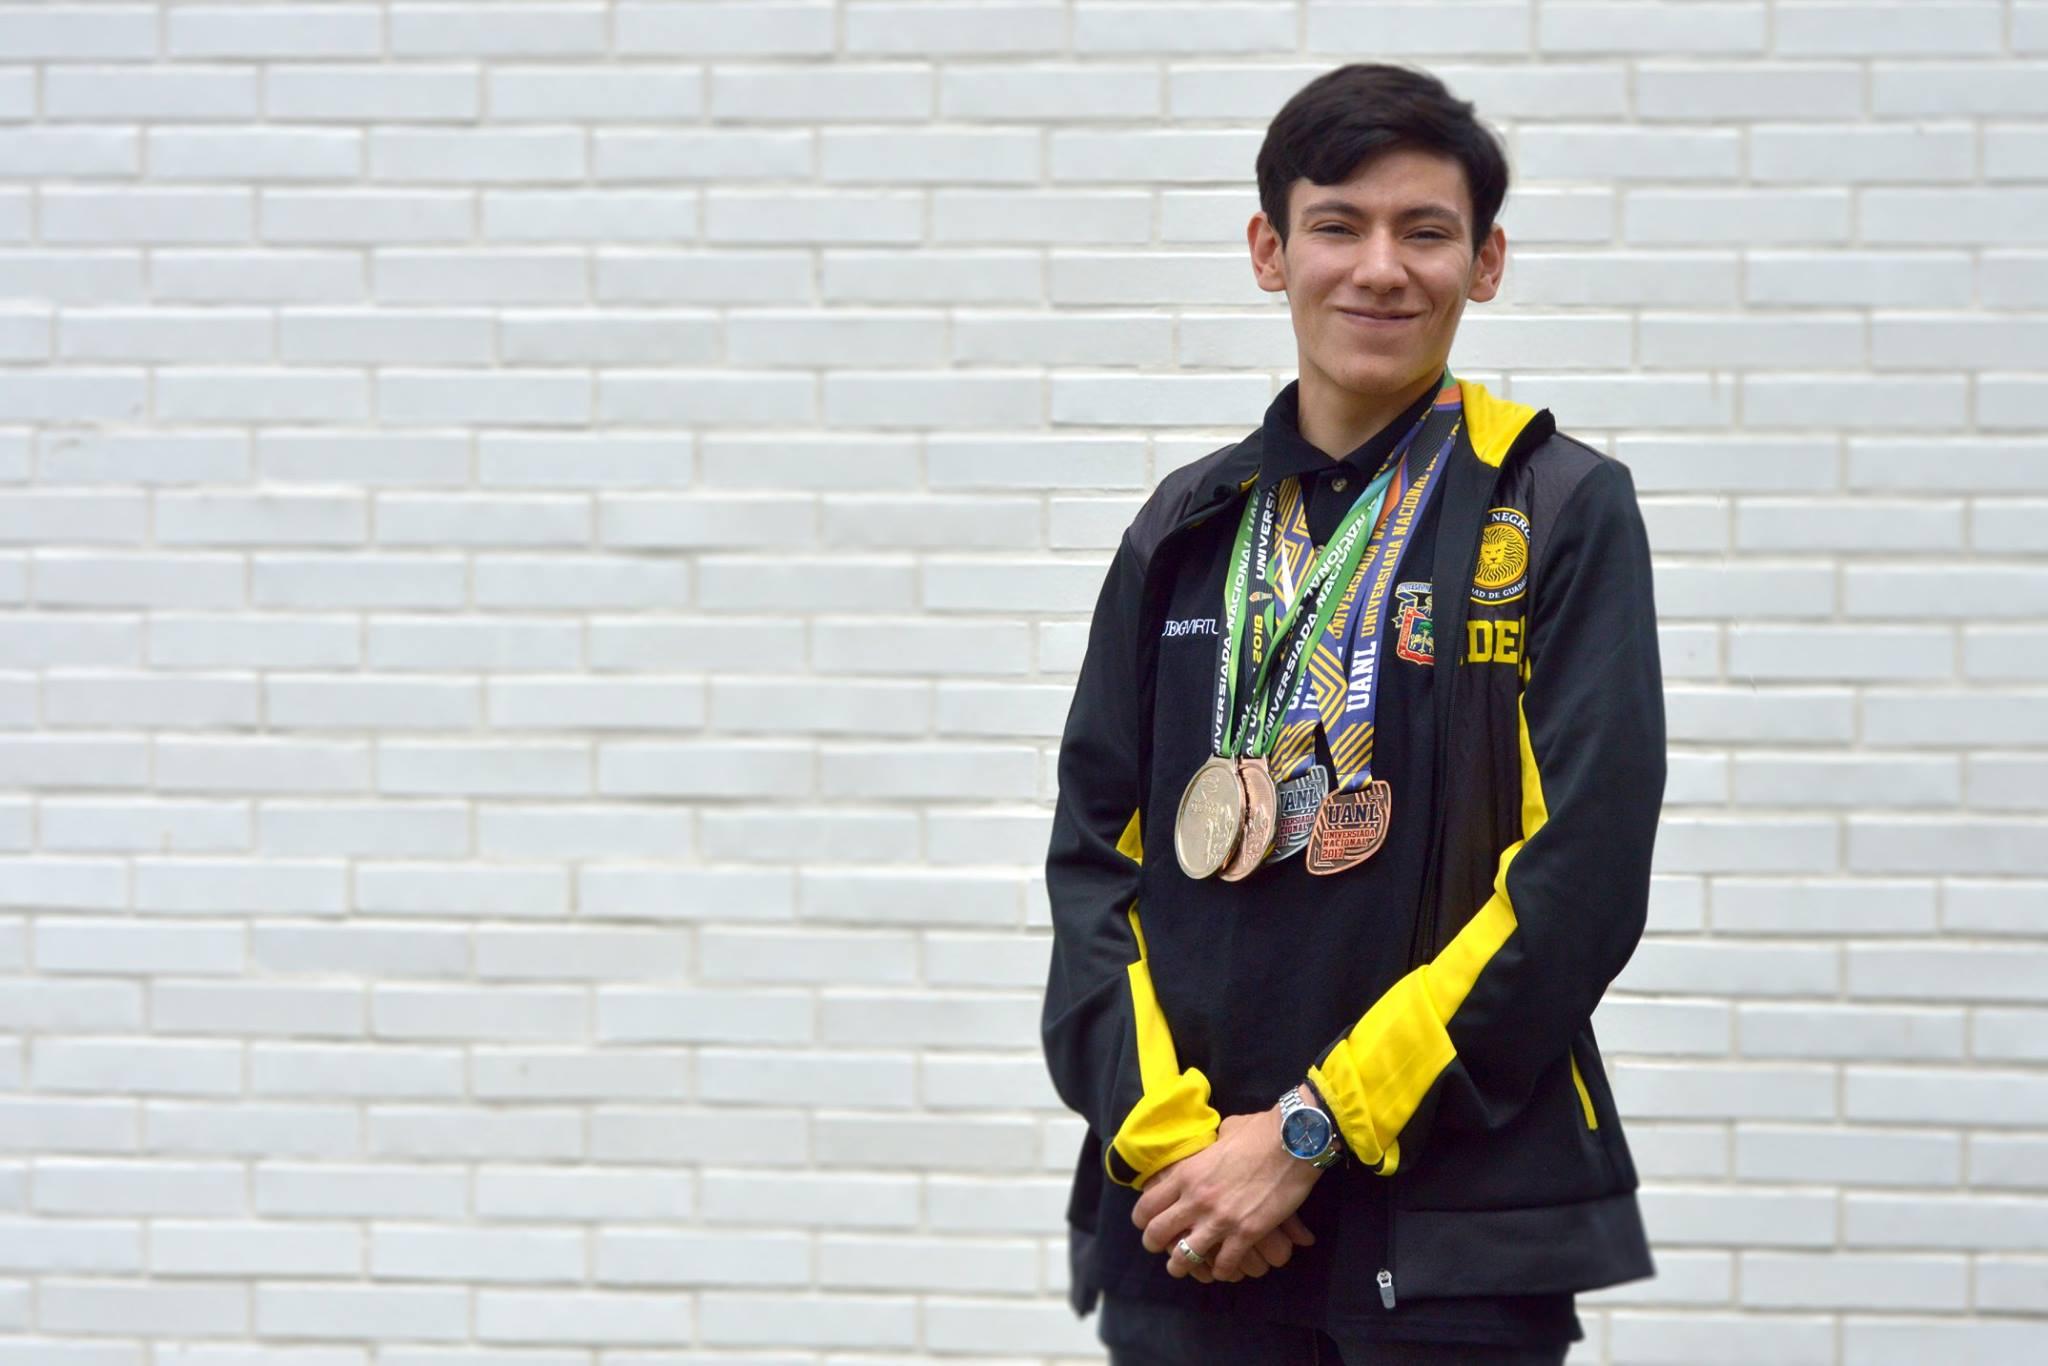 Josué Morales Lizárraga, seleccionado nacional en esgrima y estudiante de quinto semestre de la licenciatura en Tecnologías e Información de UDGVirtual; portando las medallas ganadas en anteriores competencias.